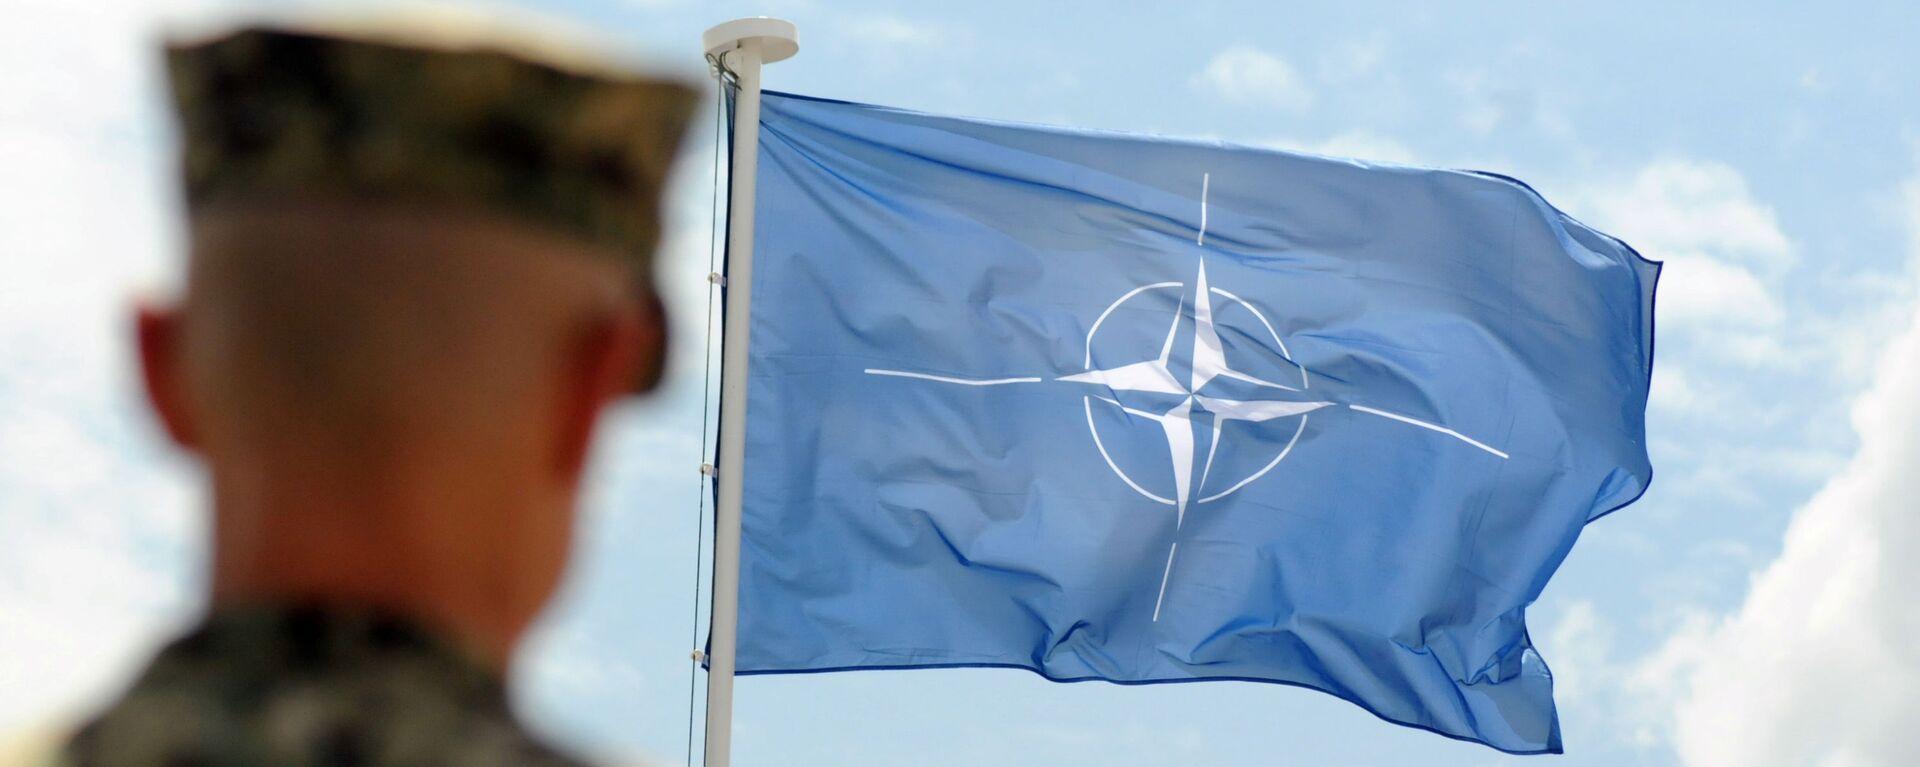 Vlajka NATO - Sputnik Česká republika, 1920, 01.08.2021